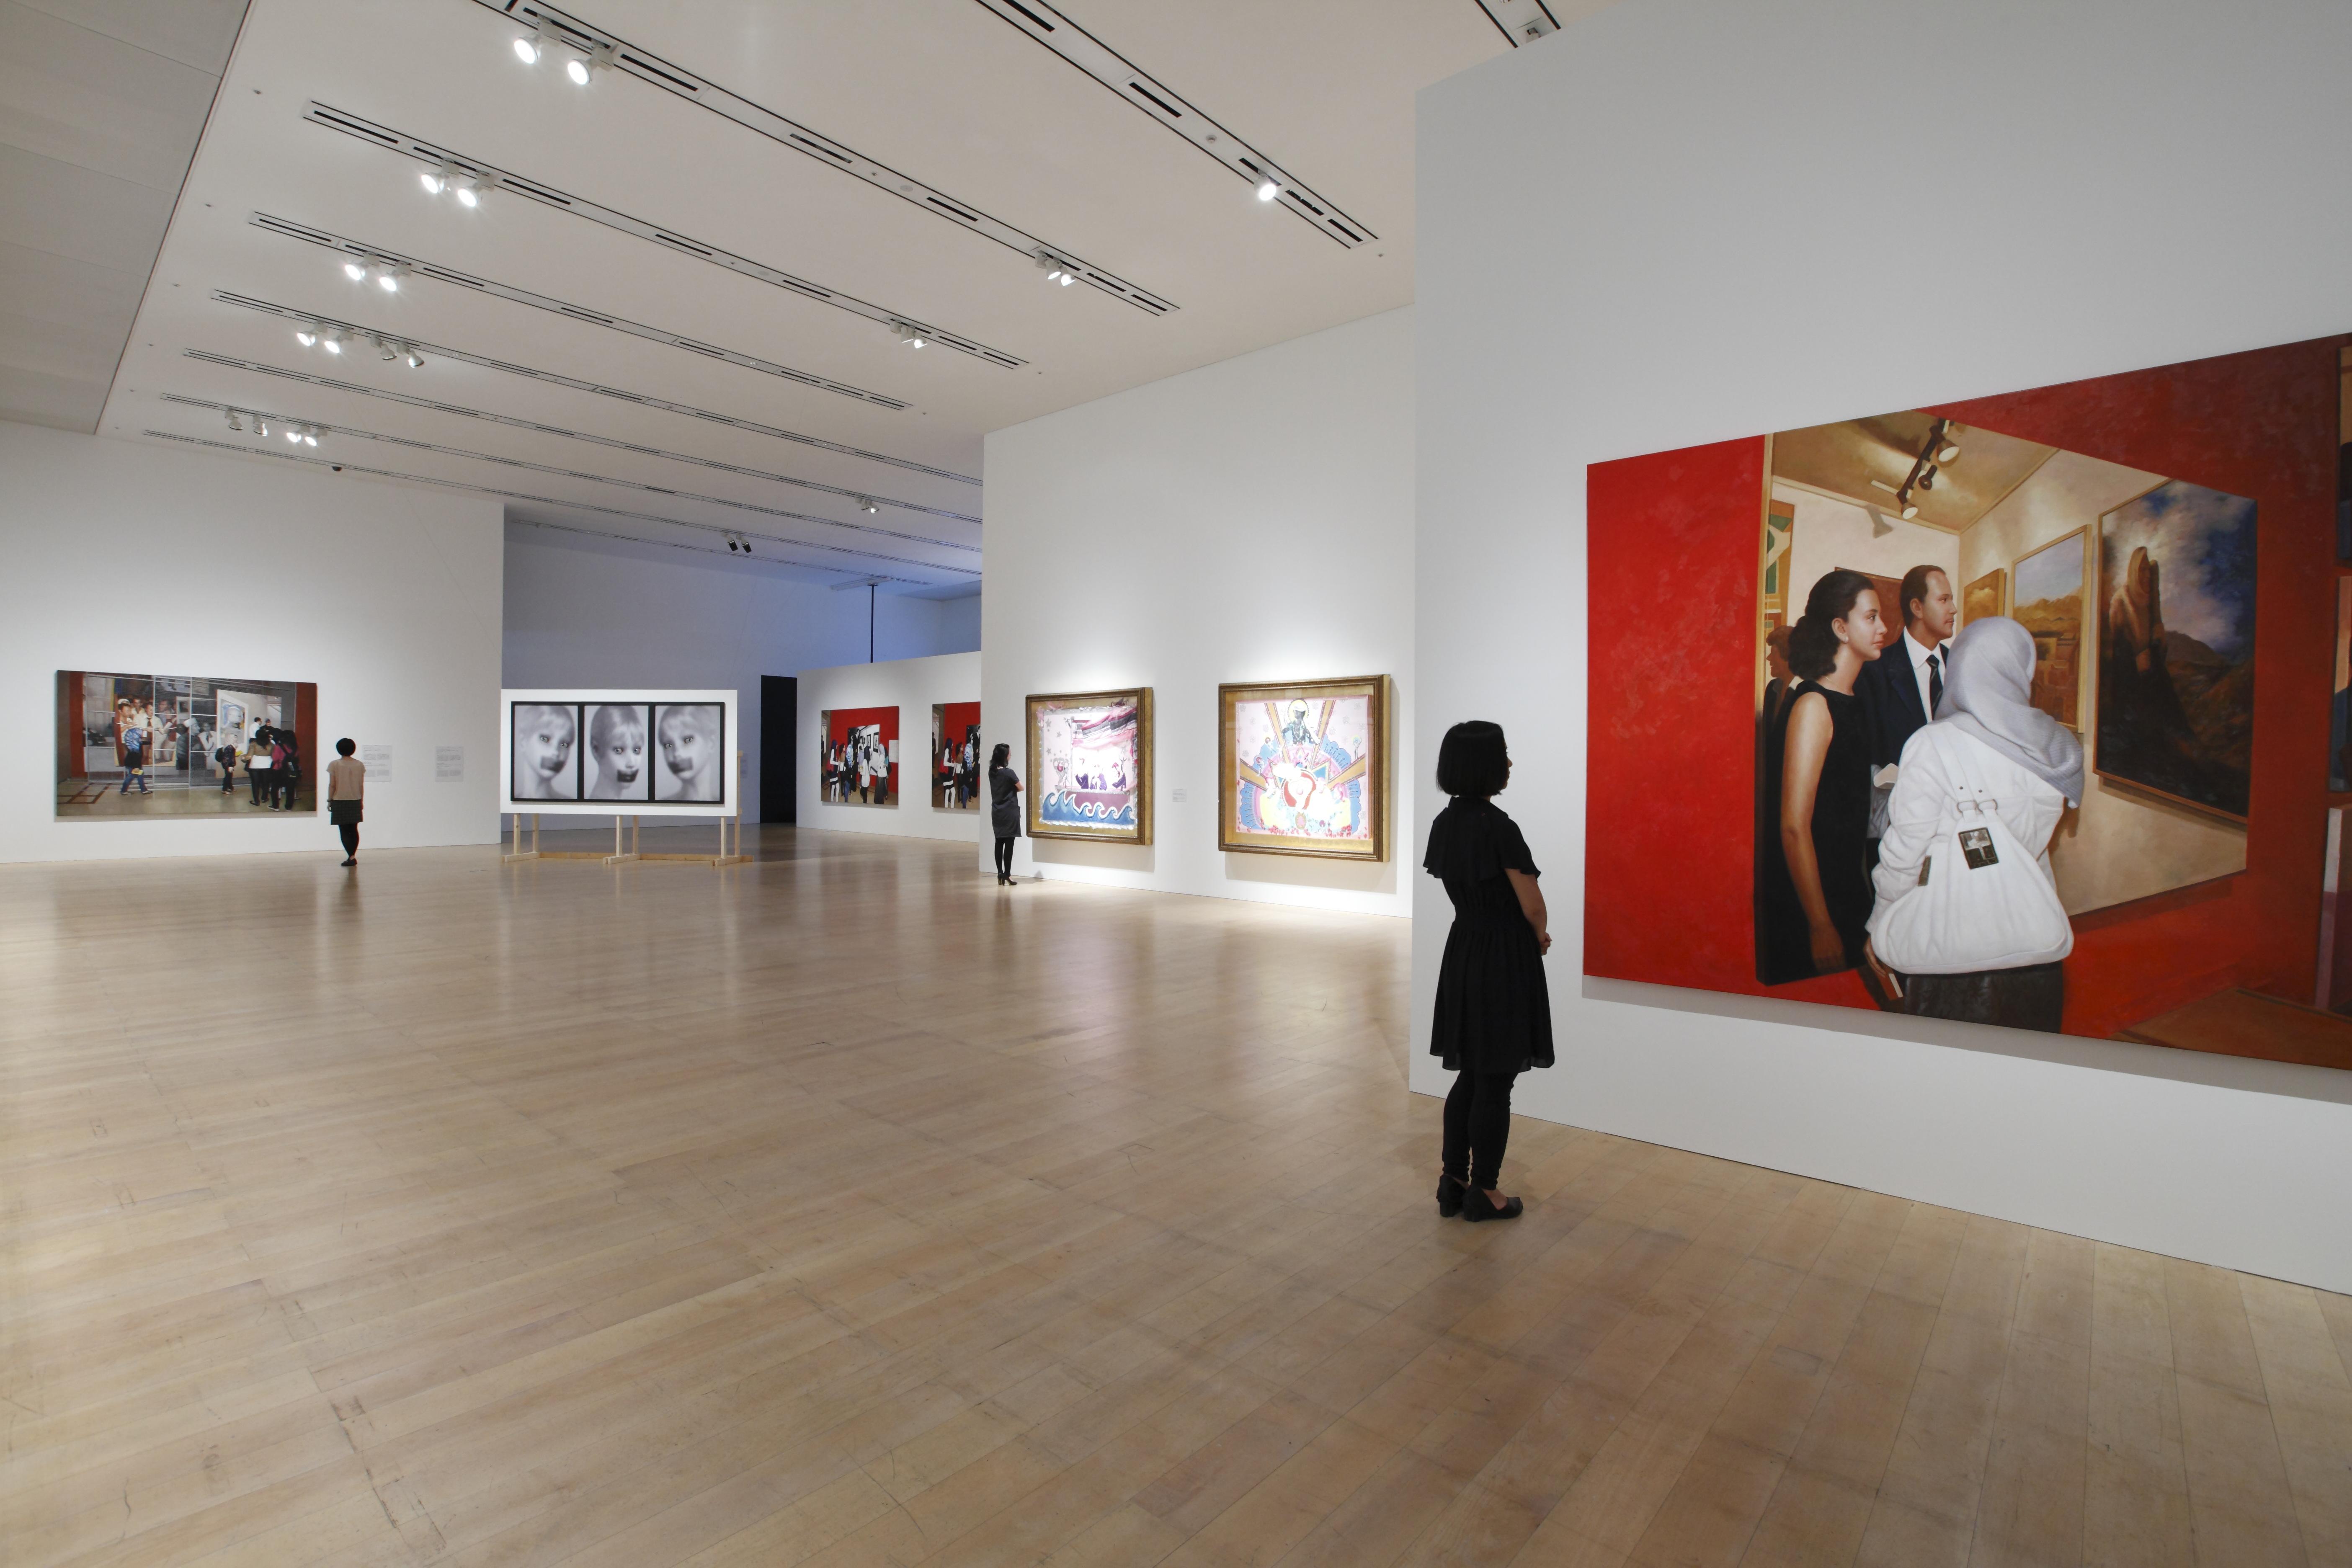 「アラブ・エクスプレス展:アラブ美術の今を知る」展示風景